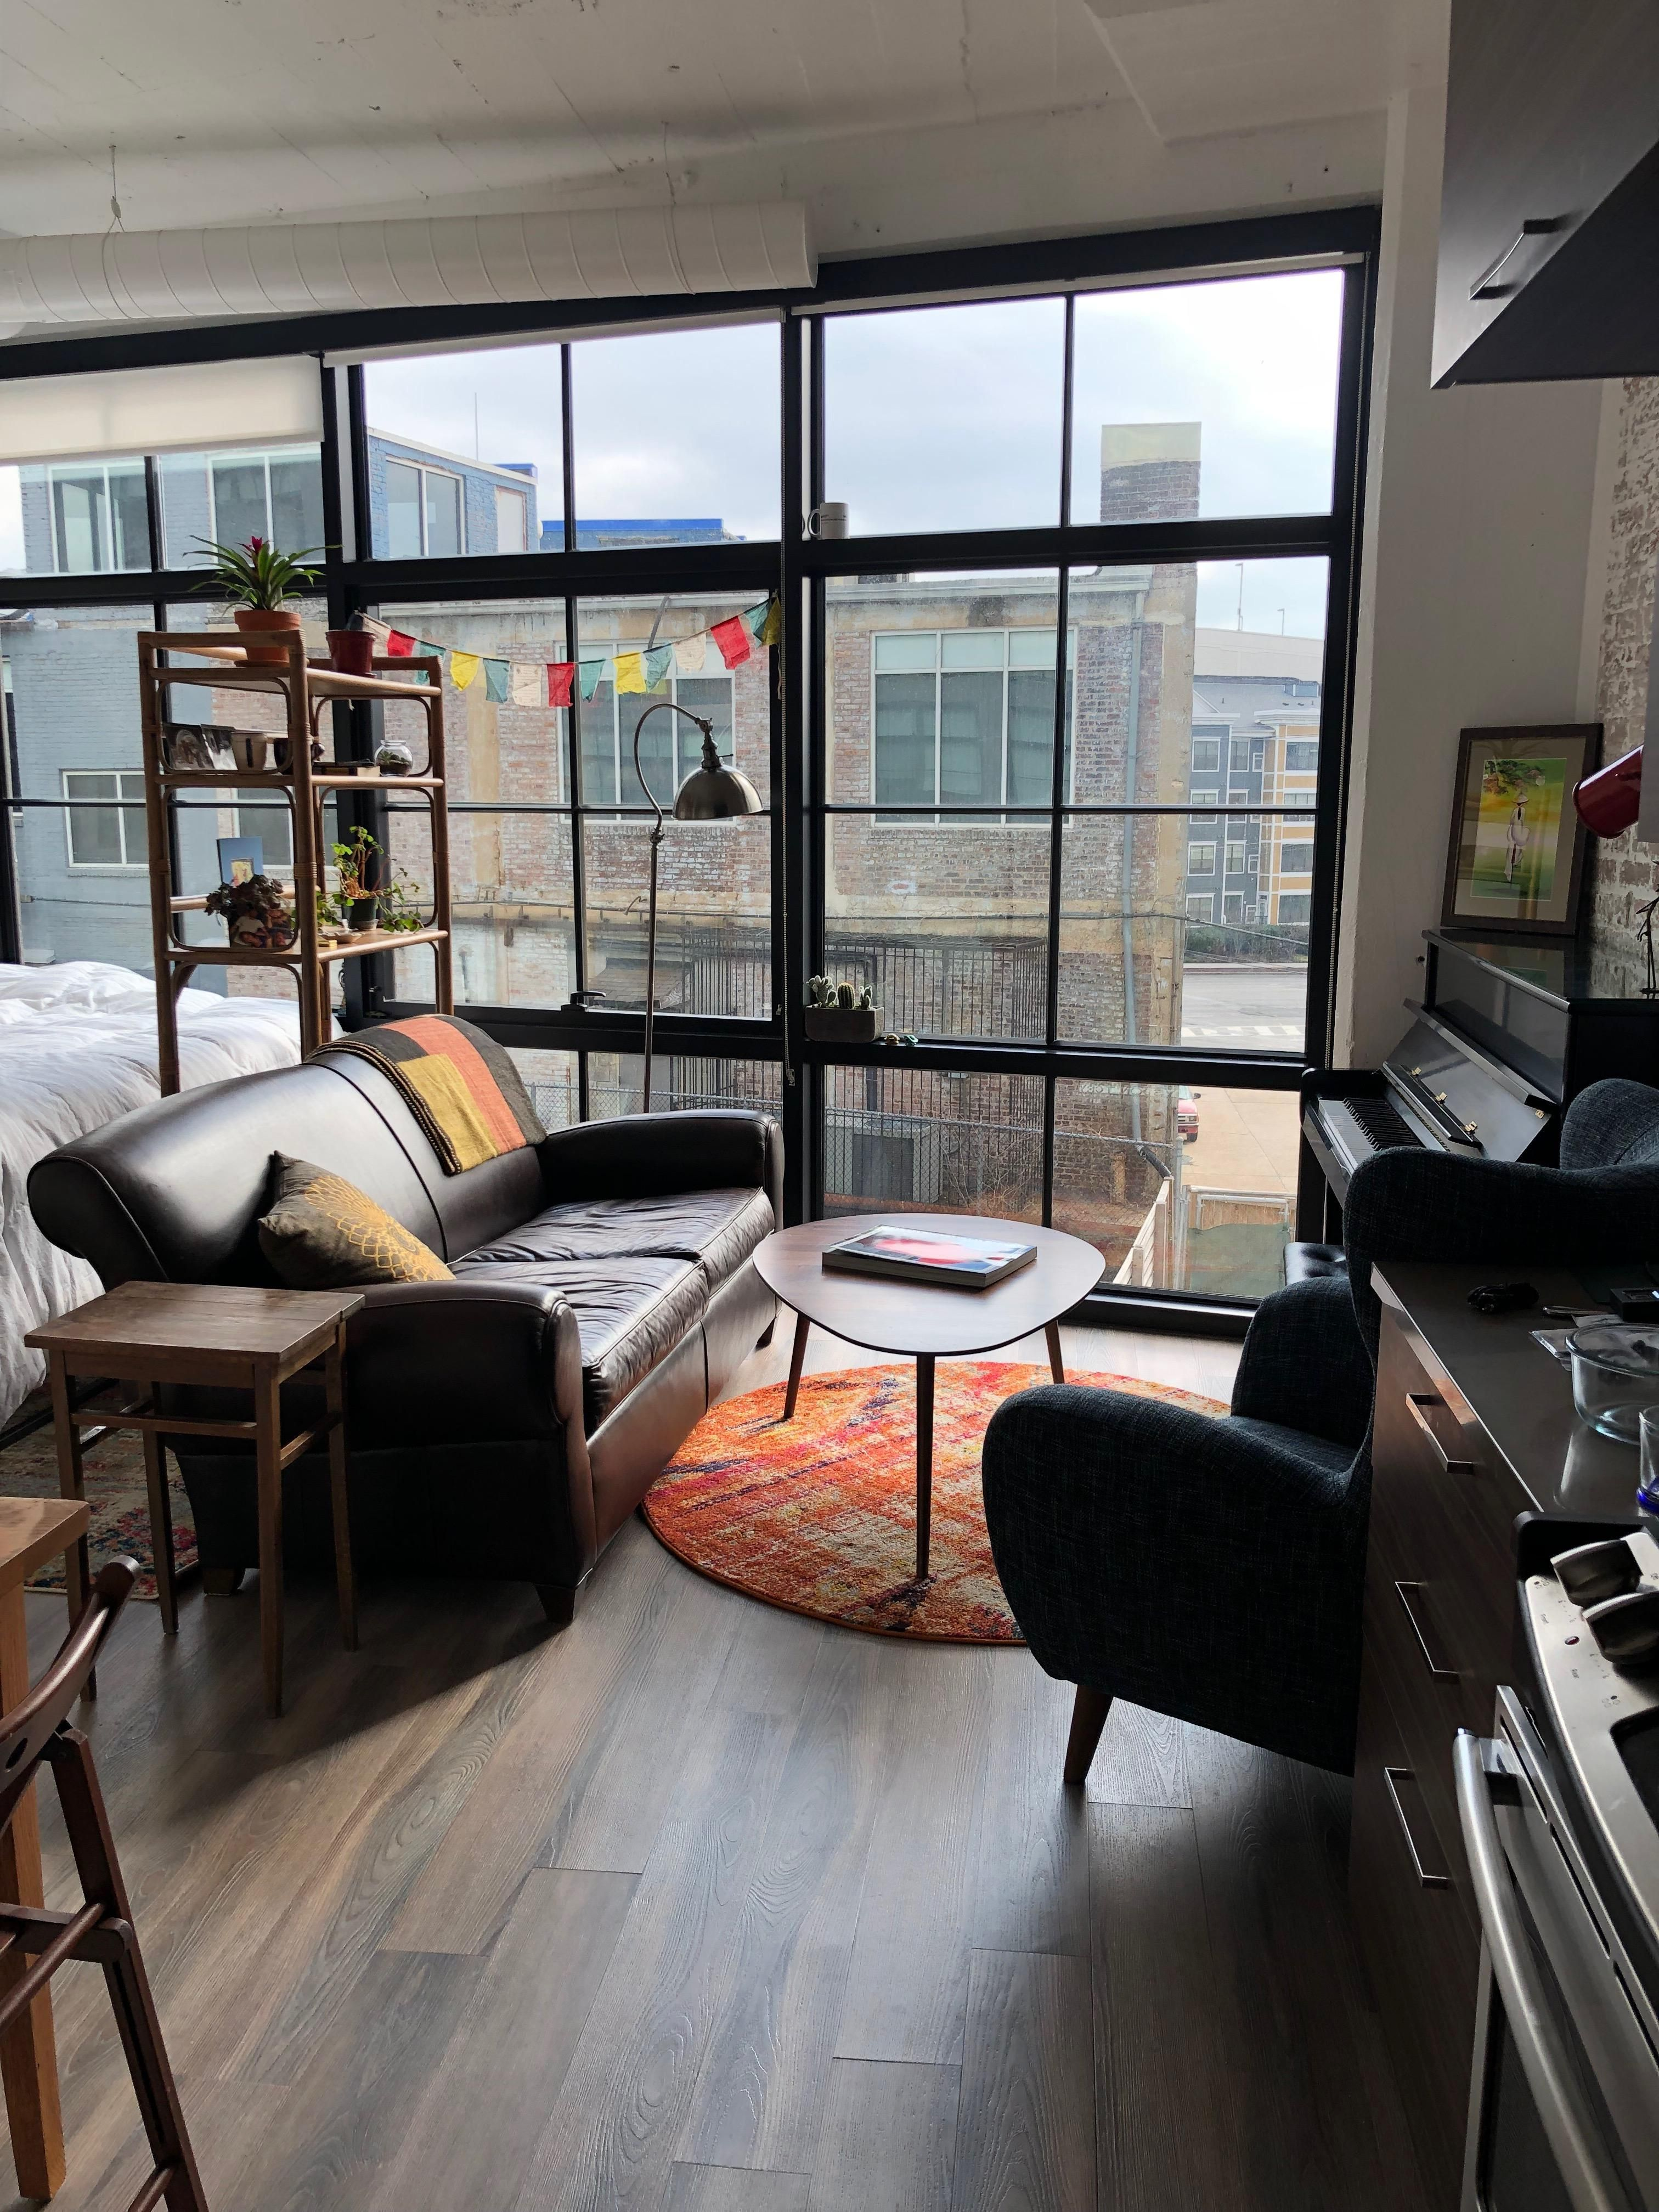 First Studio Apartment Studio apartment furniture